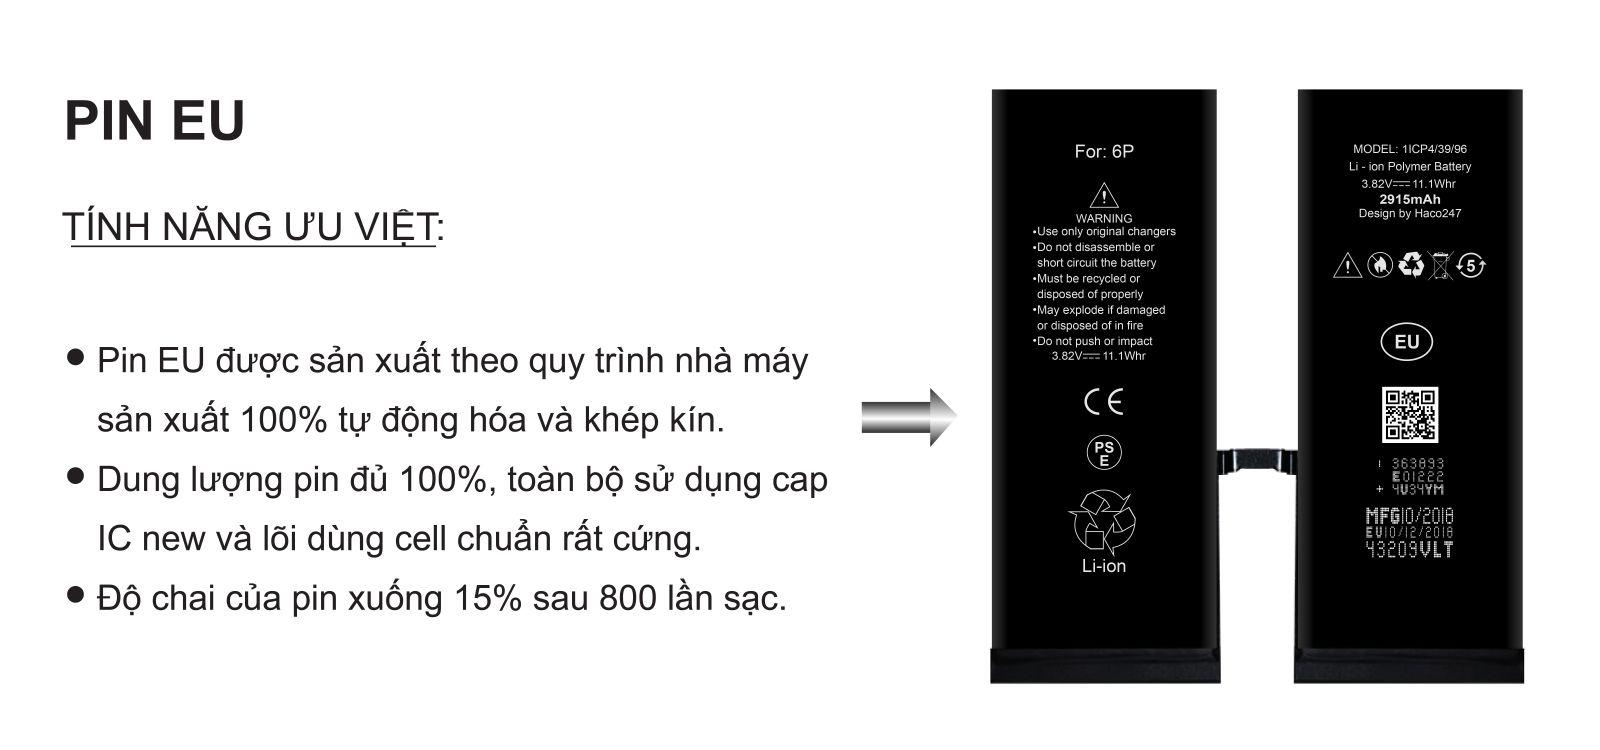 Thay pin iphone uy tín chất lượng giá rẻ